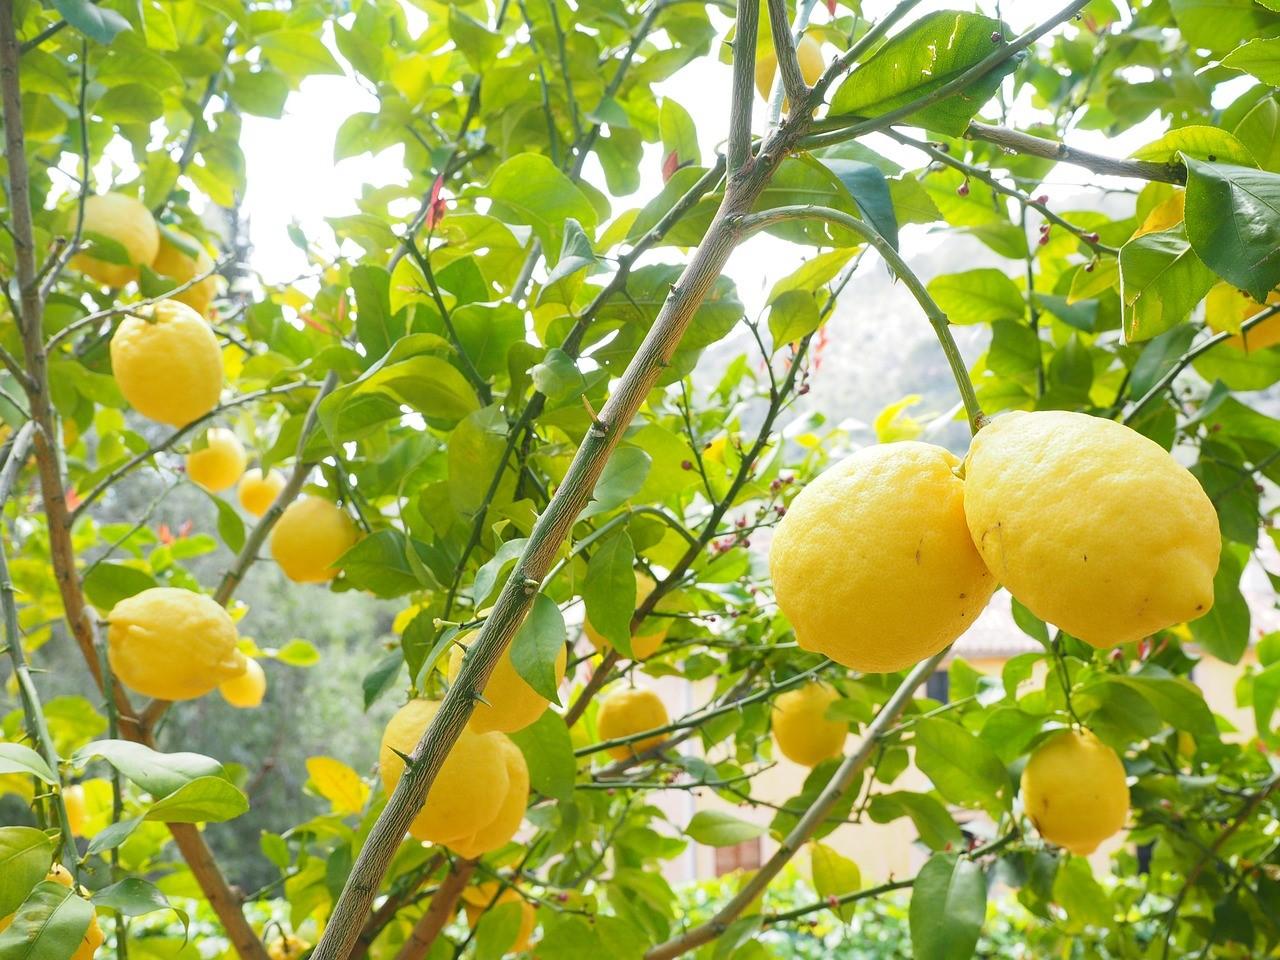 【レモン白湯】って体に良いの?口コミや効果、レシピを大公開!